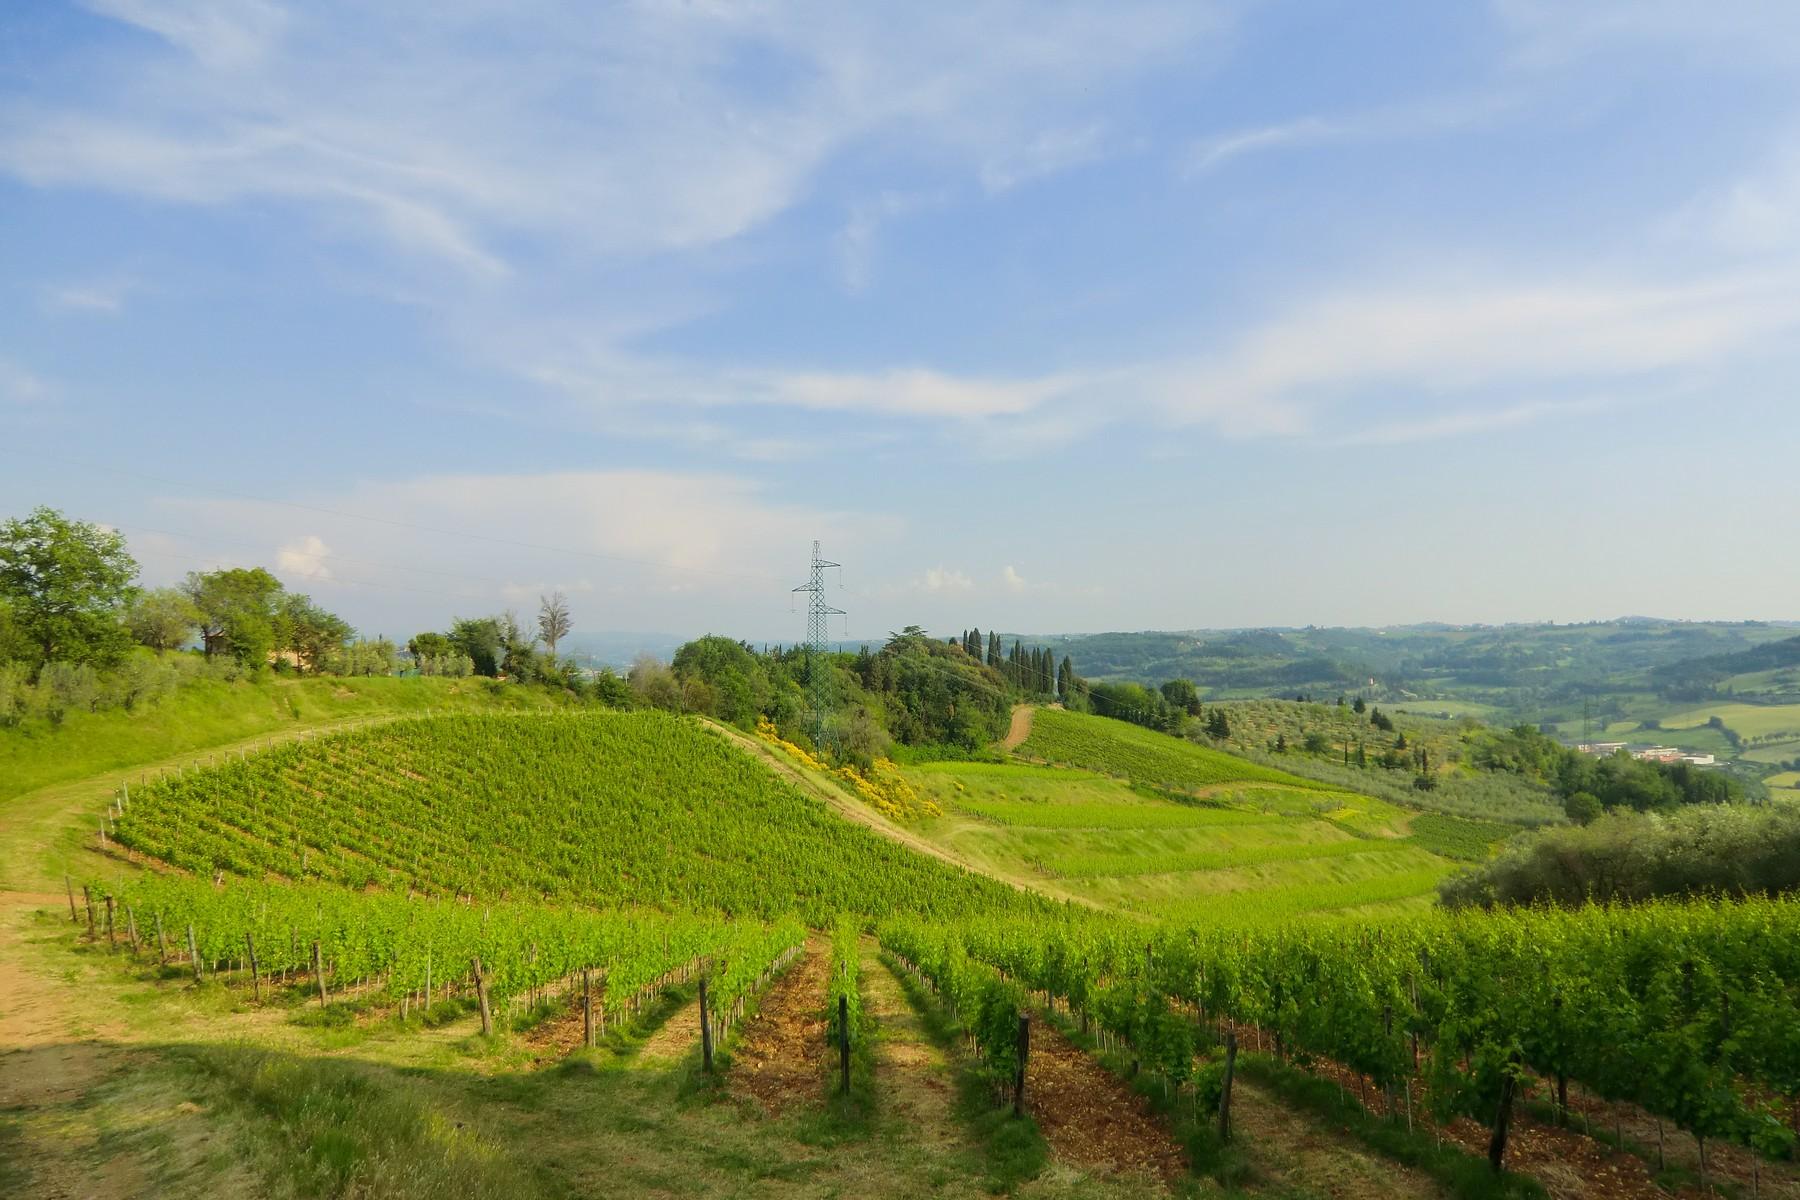 Ferme / Ranch / Plantation pour l Vente à Tuscan farm in Chianti region San Casciano in Val di Pesa San Casciano In Val Di Pesa, Florence 50026 Italie